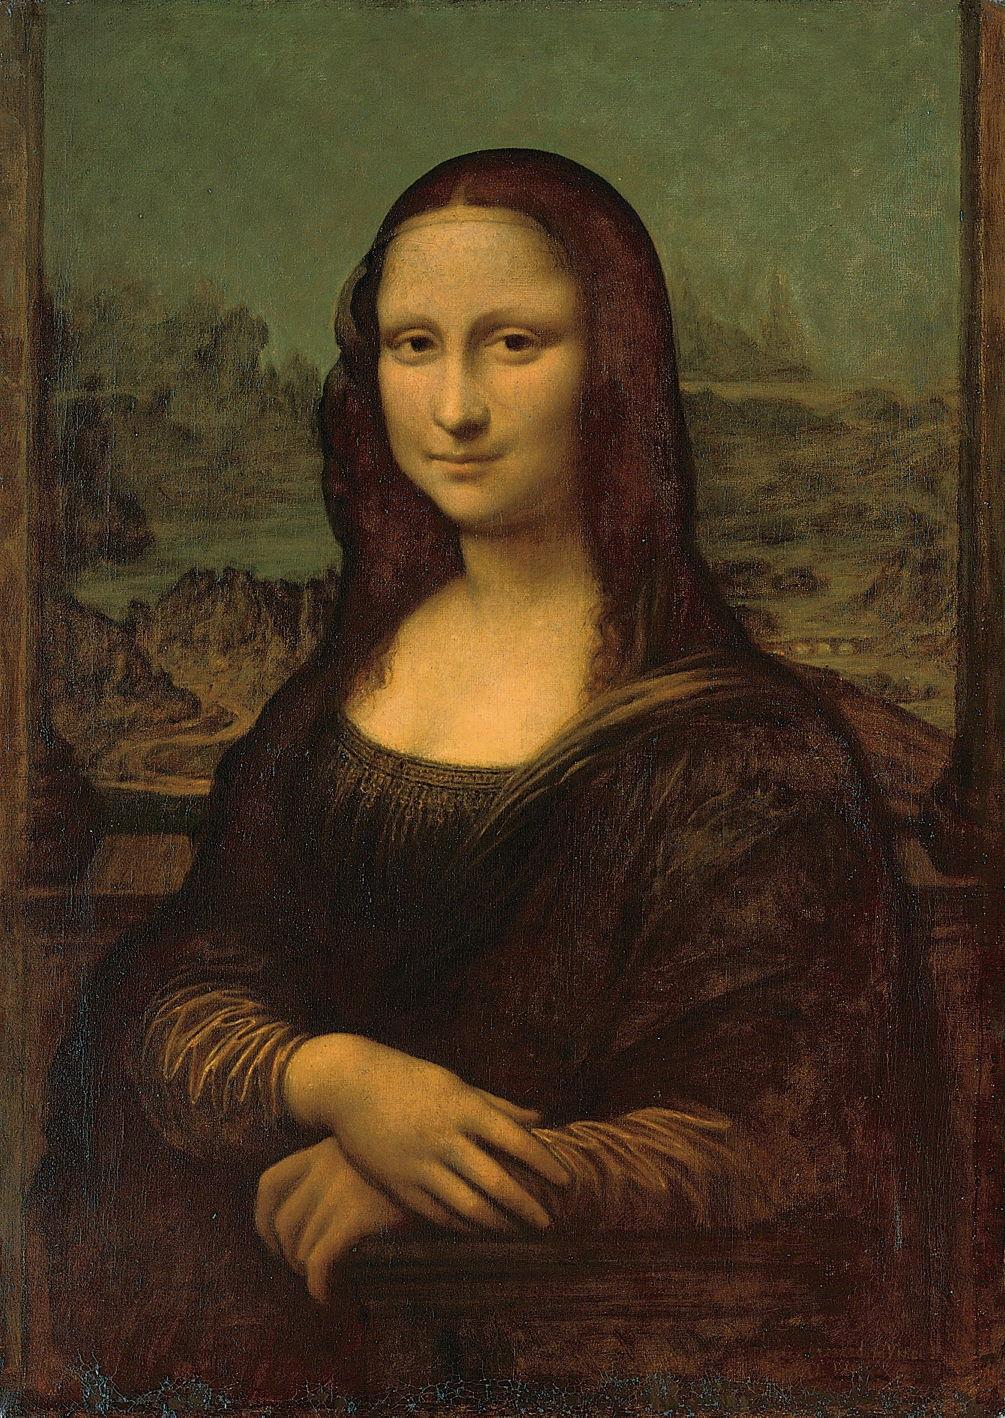 The Missing Mona Lisa: Louis Béroud painting painters ... Da Vinci Mona Lisa